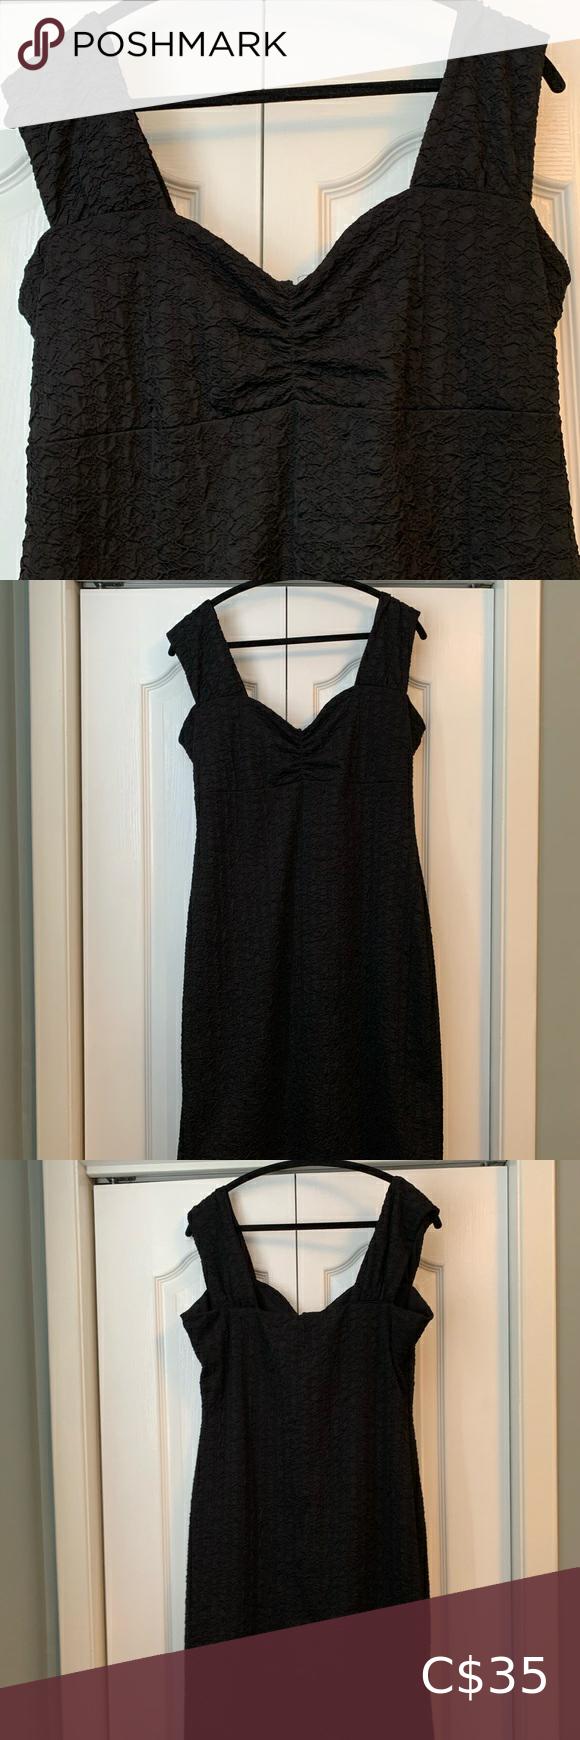 Laura Black Midi Cocktail Dress Plus Size 16 Black Midi Cocktail Dress Midi Dress Plus Size Midi Cocktail Dress [ 1740 x 580 Pixel ]